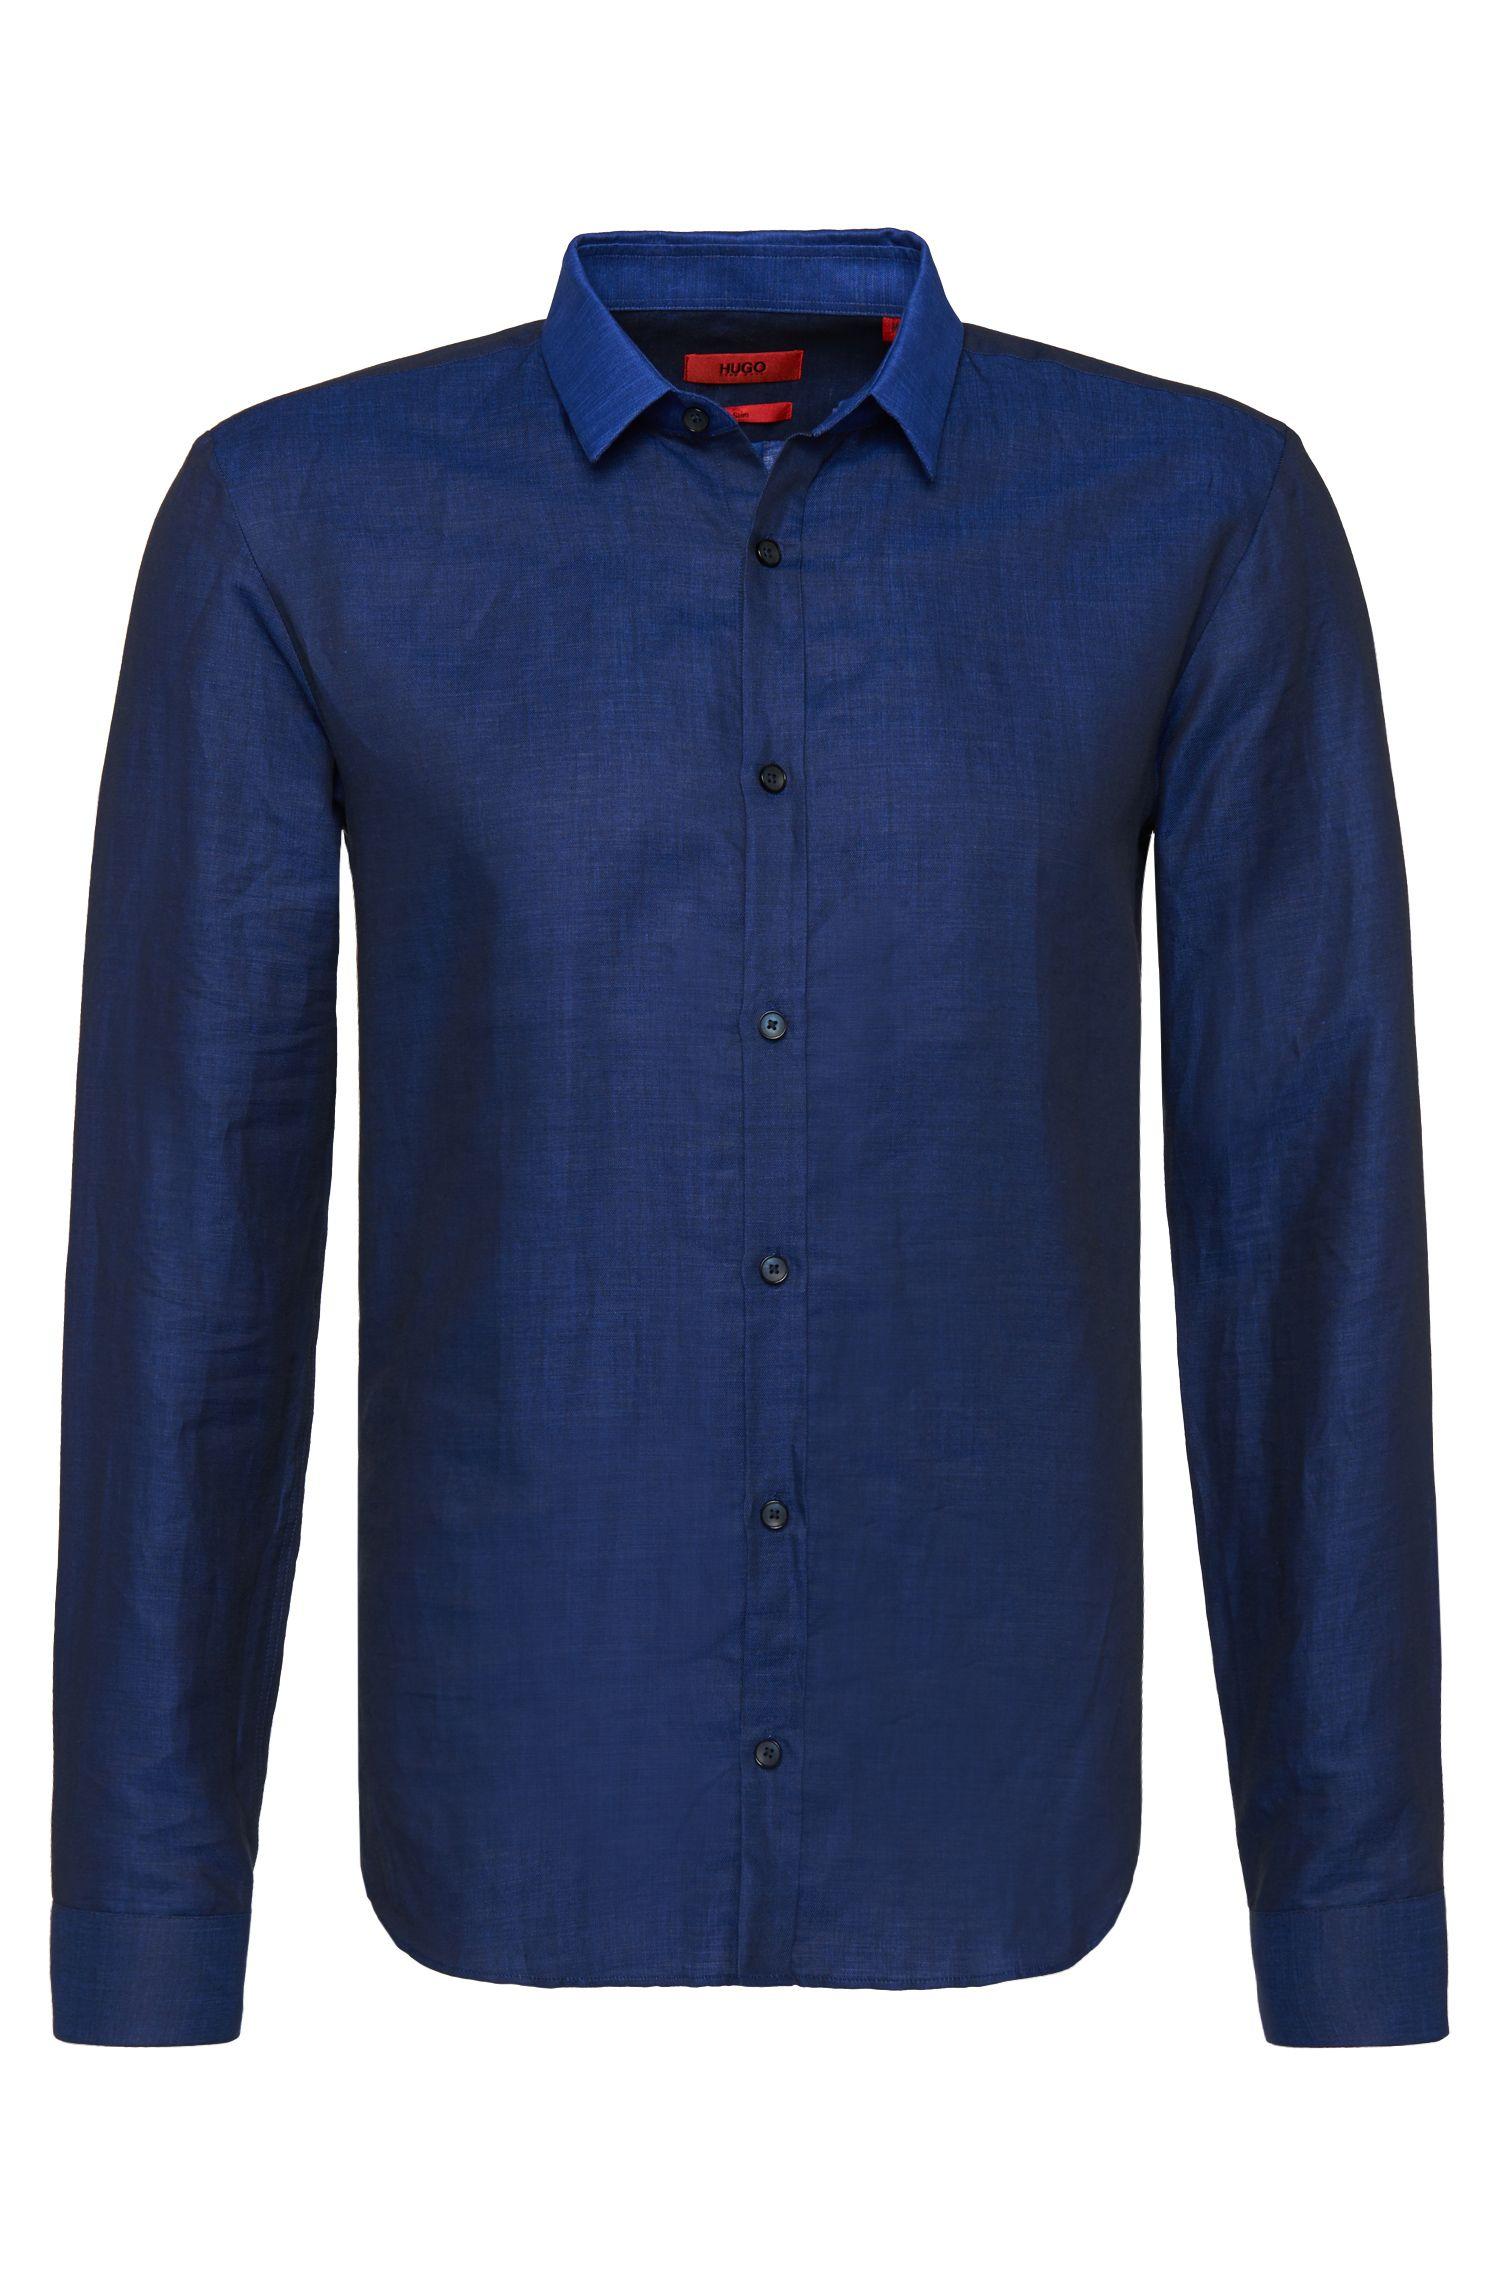 'Ero' | Slim Fit, Linen Cotton Button Down Shirt